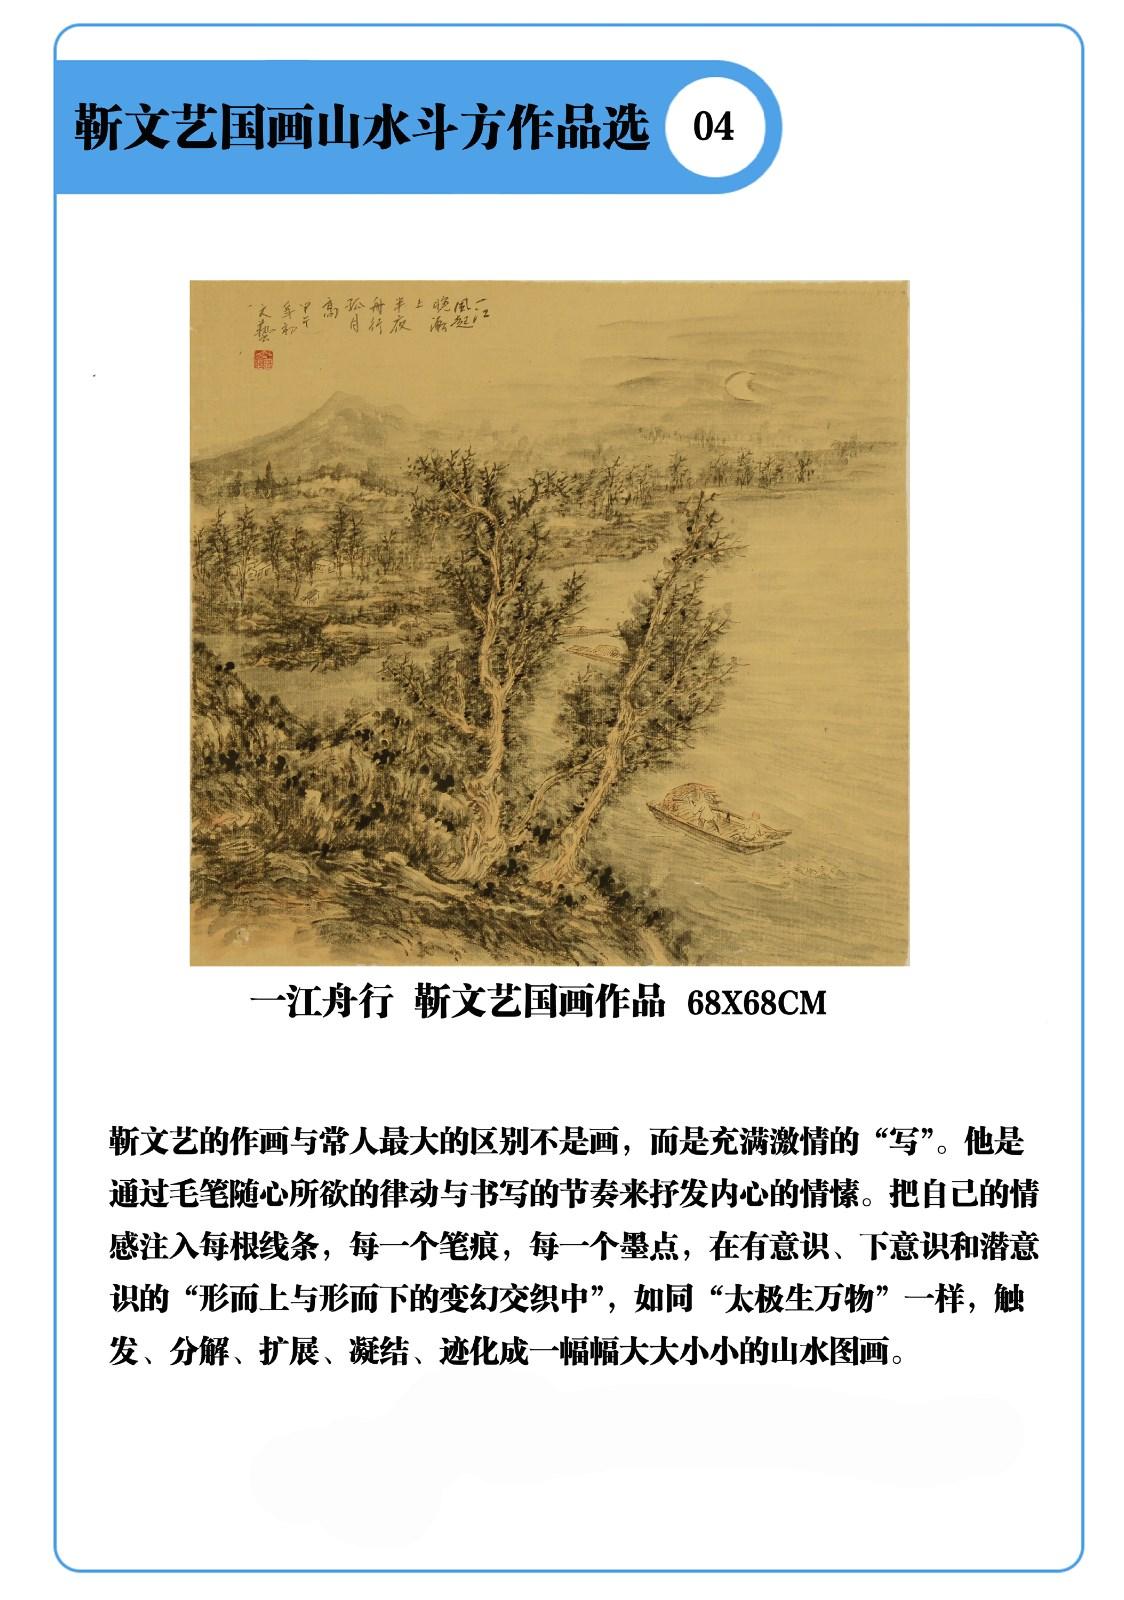 国画导师靳文艺先生作品   欢迎关注分享收藏_图1-8